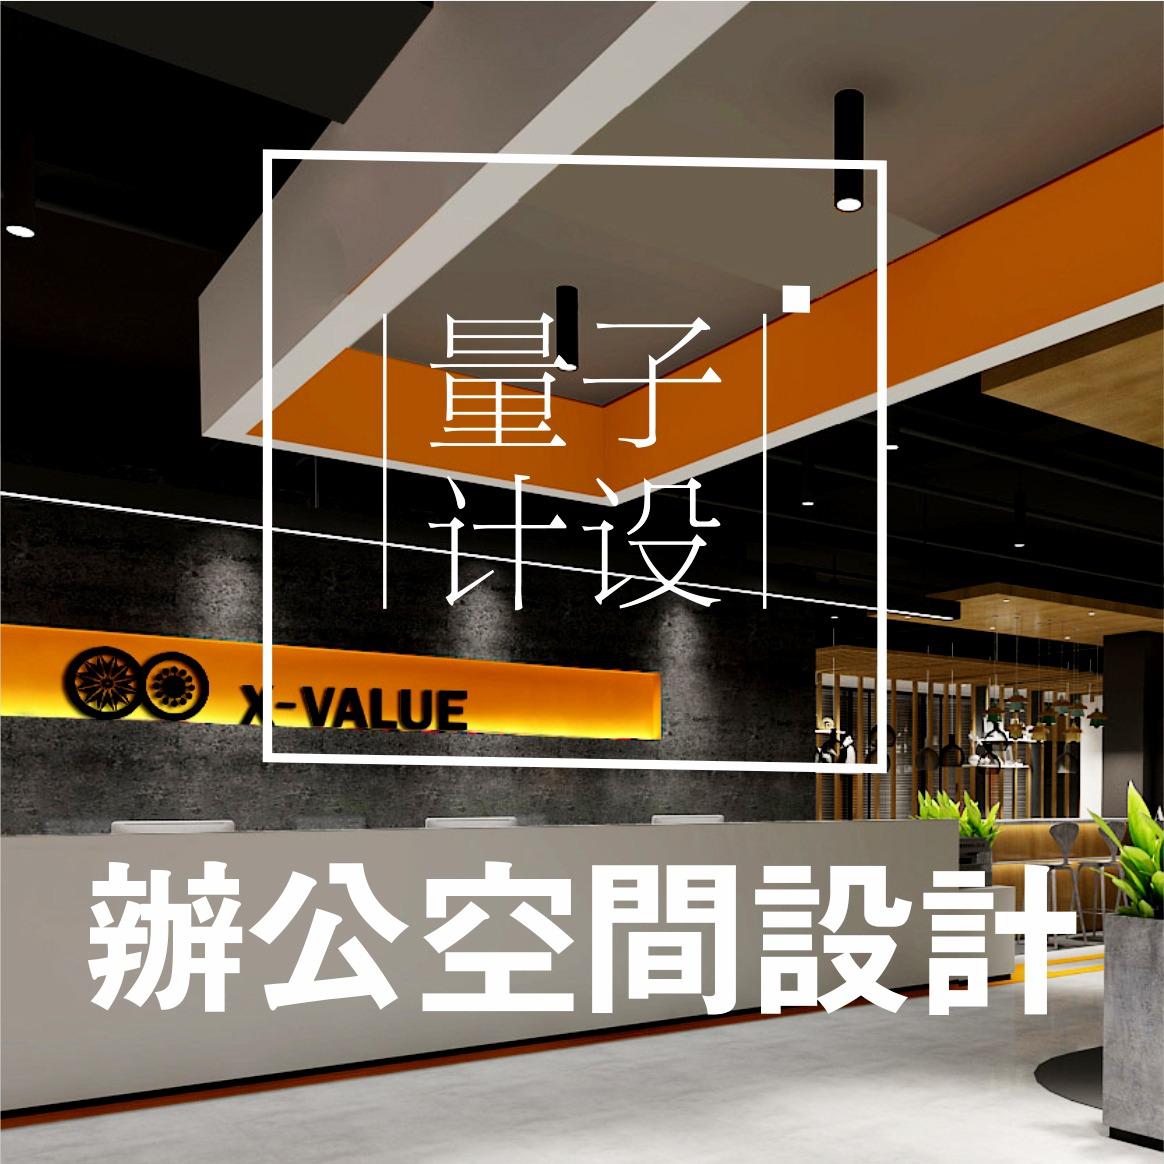 办公室设计装修效果图设计/众创空间设计/办公楼外立面装修设计